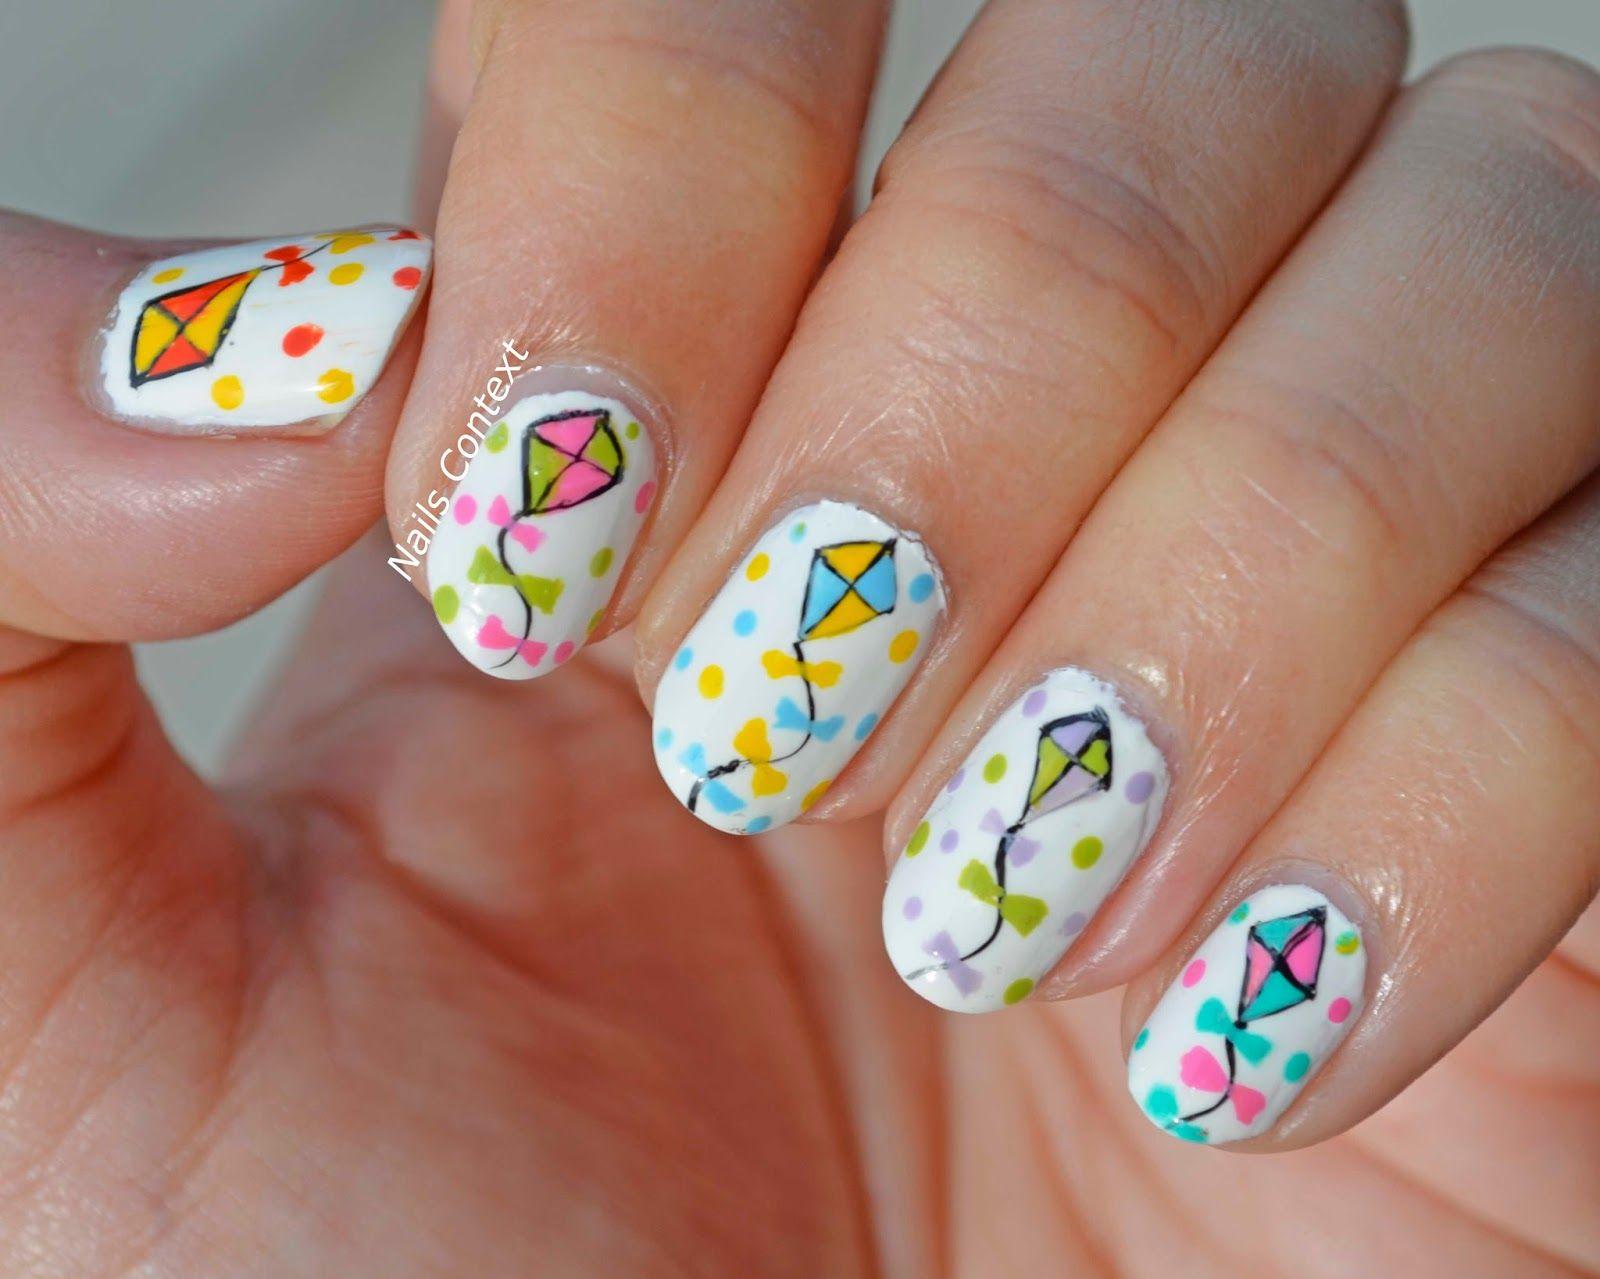 kite nails for makar Sankranti by @nailscontext #notd #nails ...